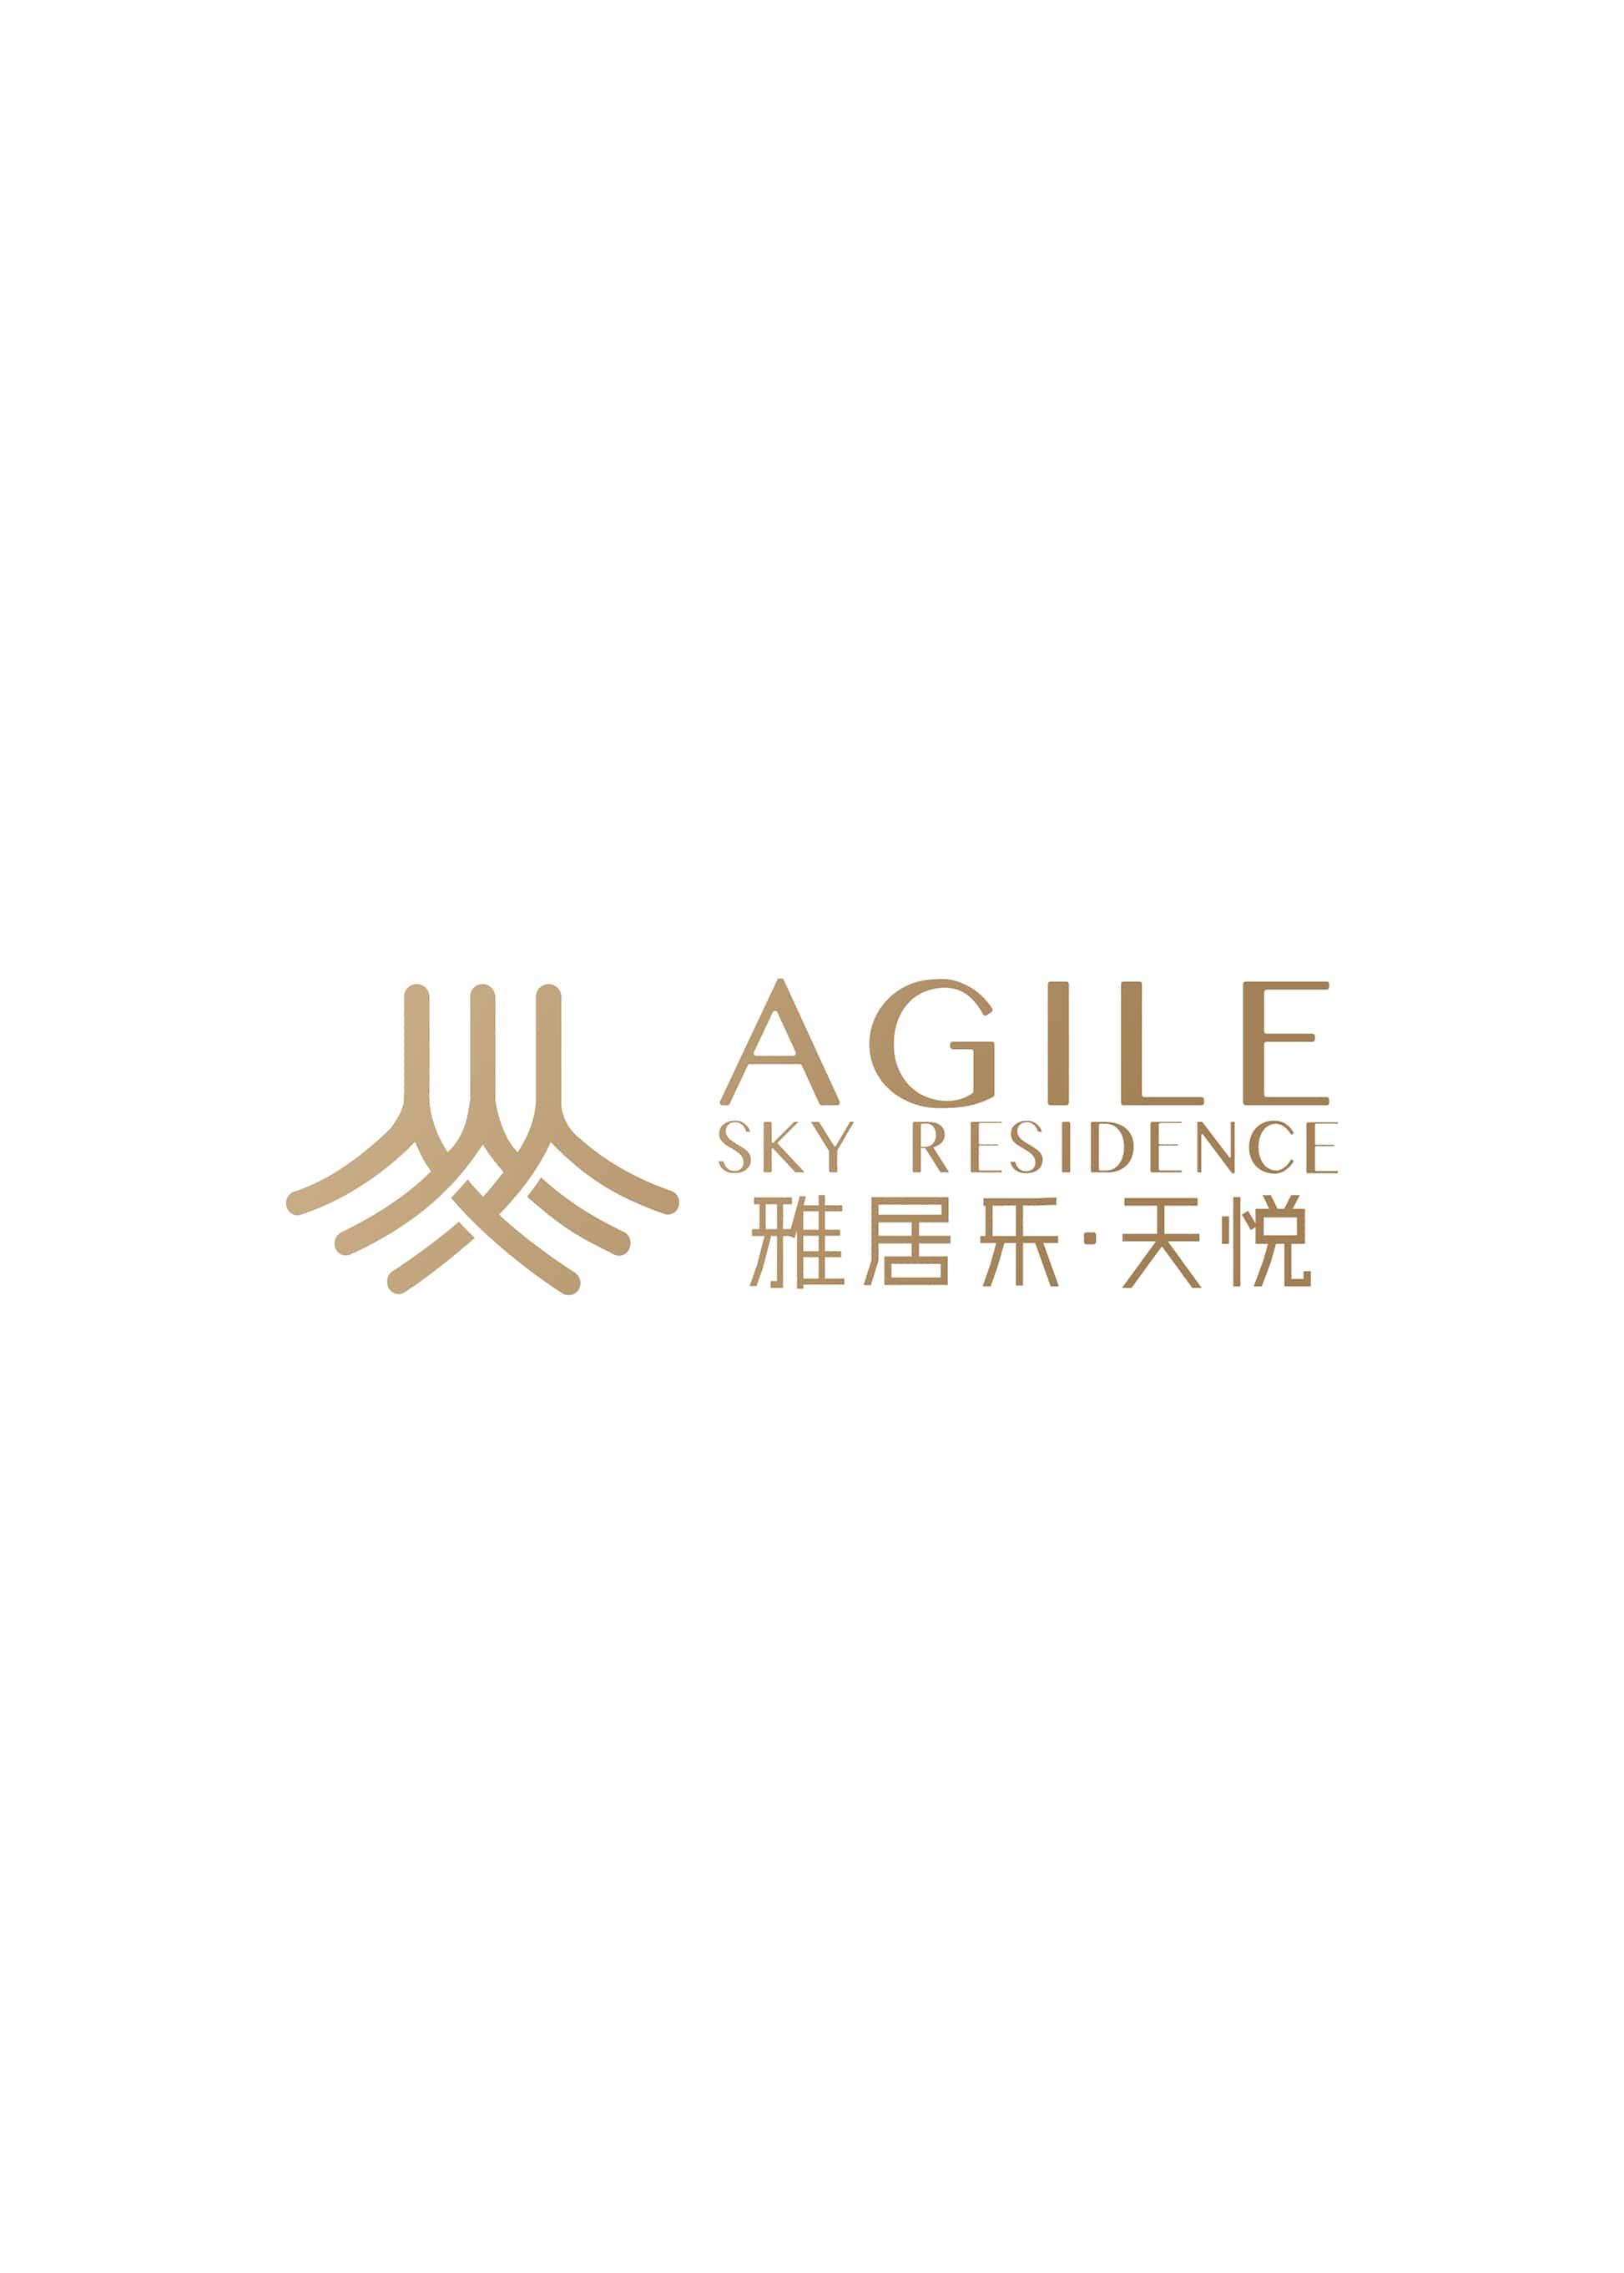 Agile Sky Residence